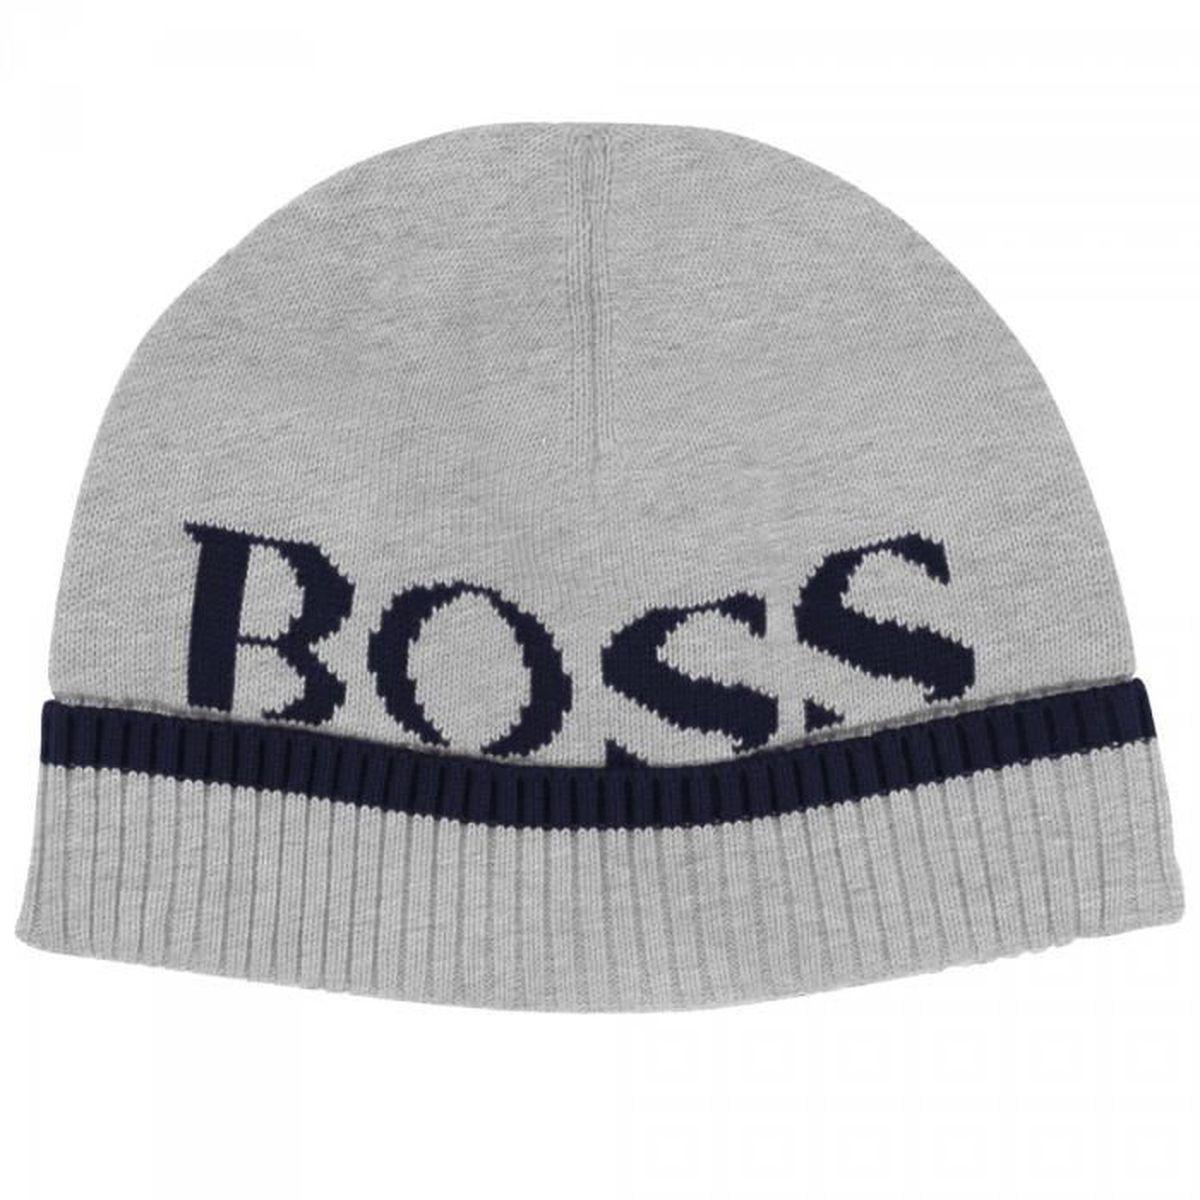 b5ccecf6fdb9 HUGO BOSS - Bonnet gris - Achat   Vente bonnet - cagoule ...